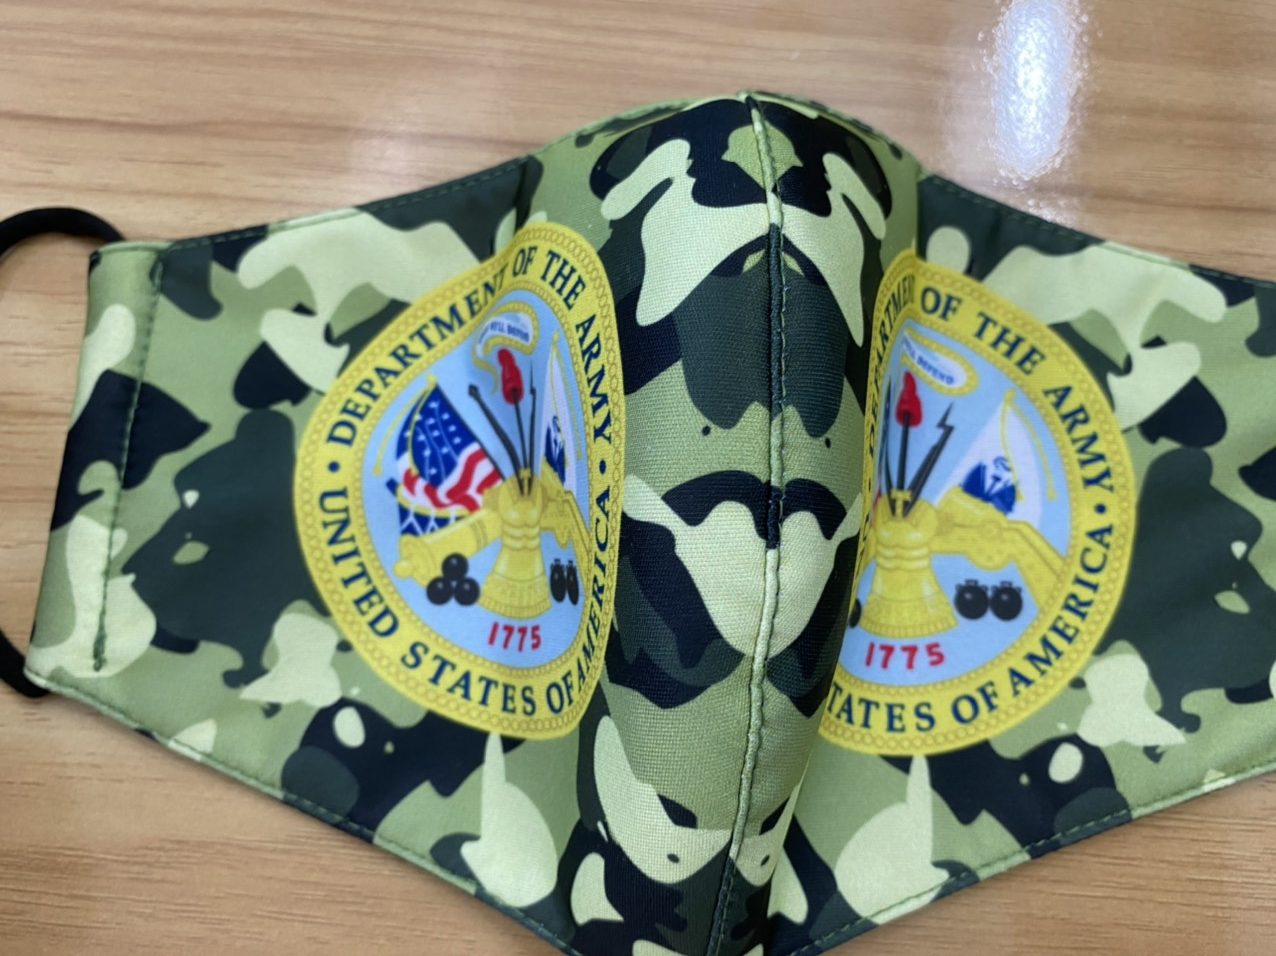 Khẩu Trang Vải In Logo Quân Đội Mỹ 2 Lớp - Mẫu Khẩu Trang In 3D Logo Quân Đội Mỹ Nền Camo 7